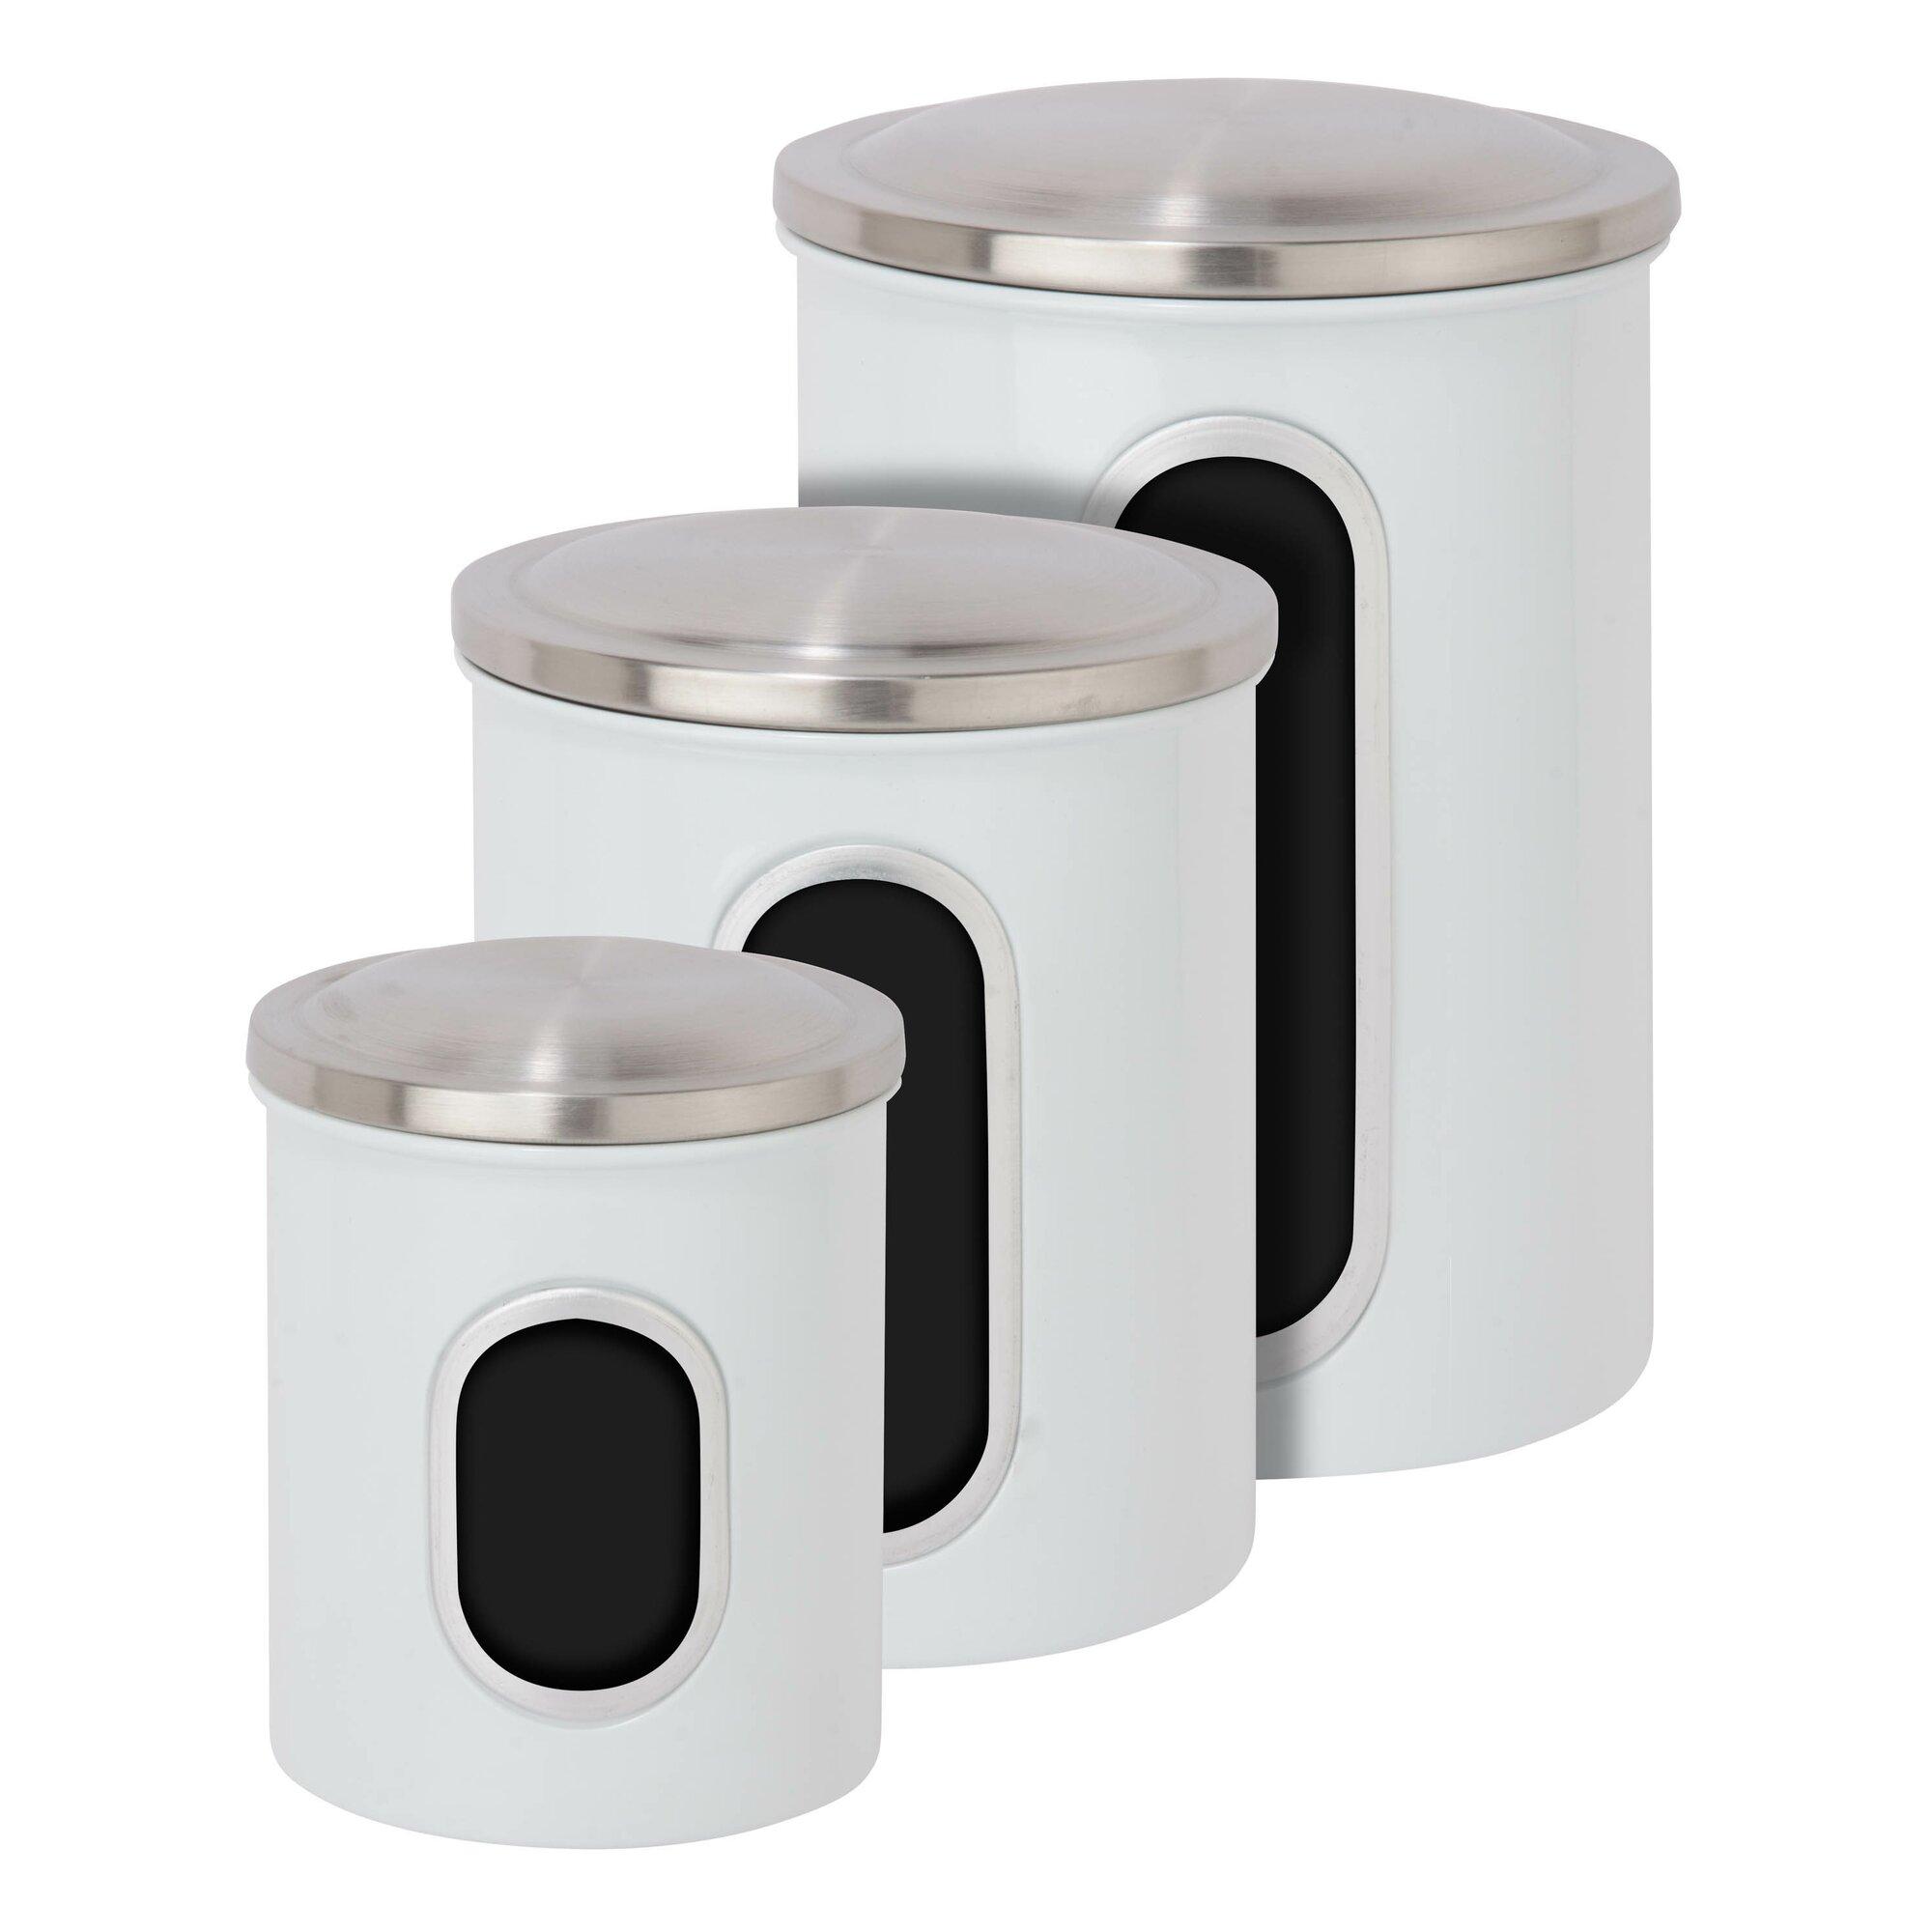 100 black canister sets for kitchen red kitchen canister black canister sets for kitchen kumpulan kitchen set 03 c www bangunrumahmas com